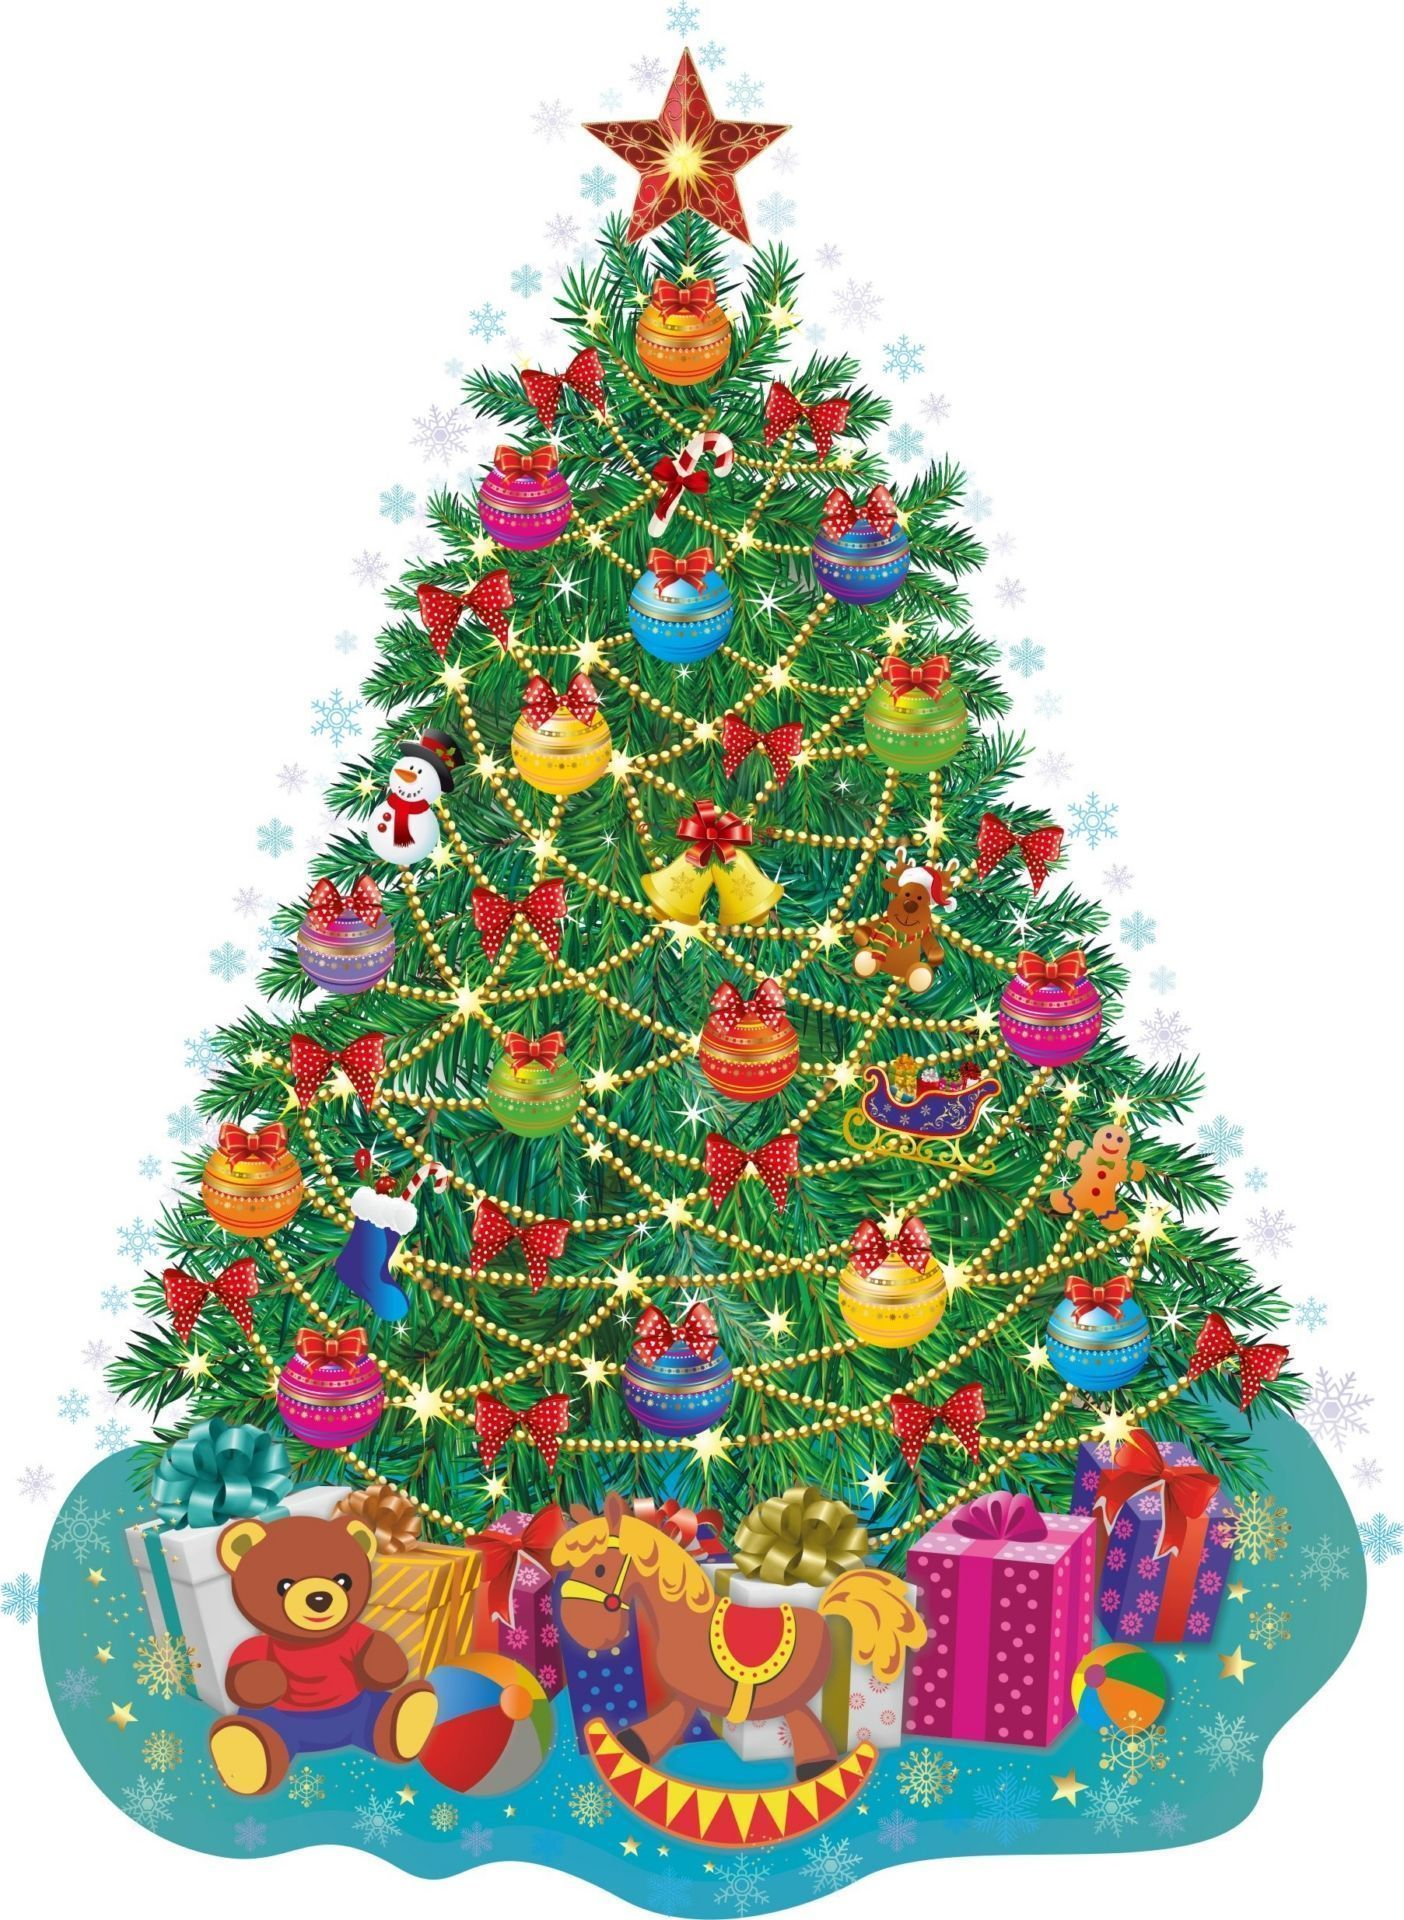 Мини-плакат вырубной Новогодняя елочка: 157х216 ммНовогодние украшения<br>.<br><br>Год: 2017<br>Серия: Вырубные фигуры для оформления<br>Высота: 216<br>Ширина: 157<br>Переплёт: набор